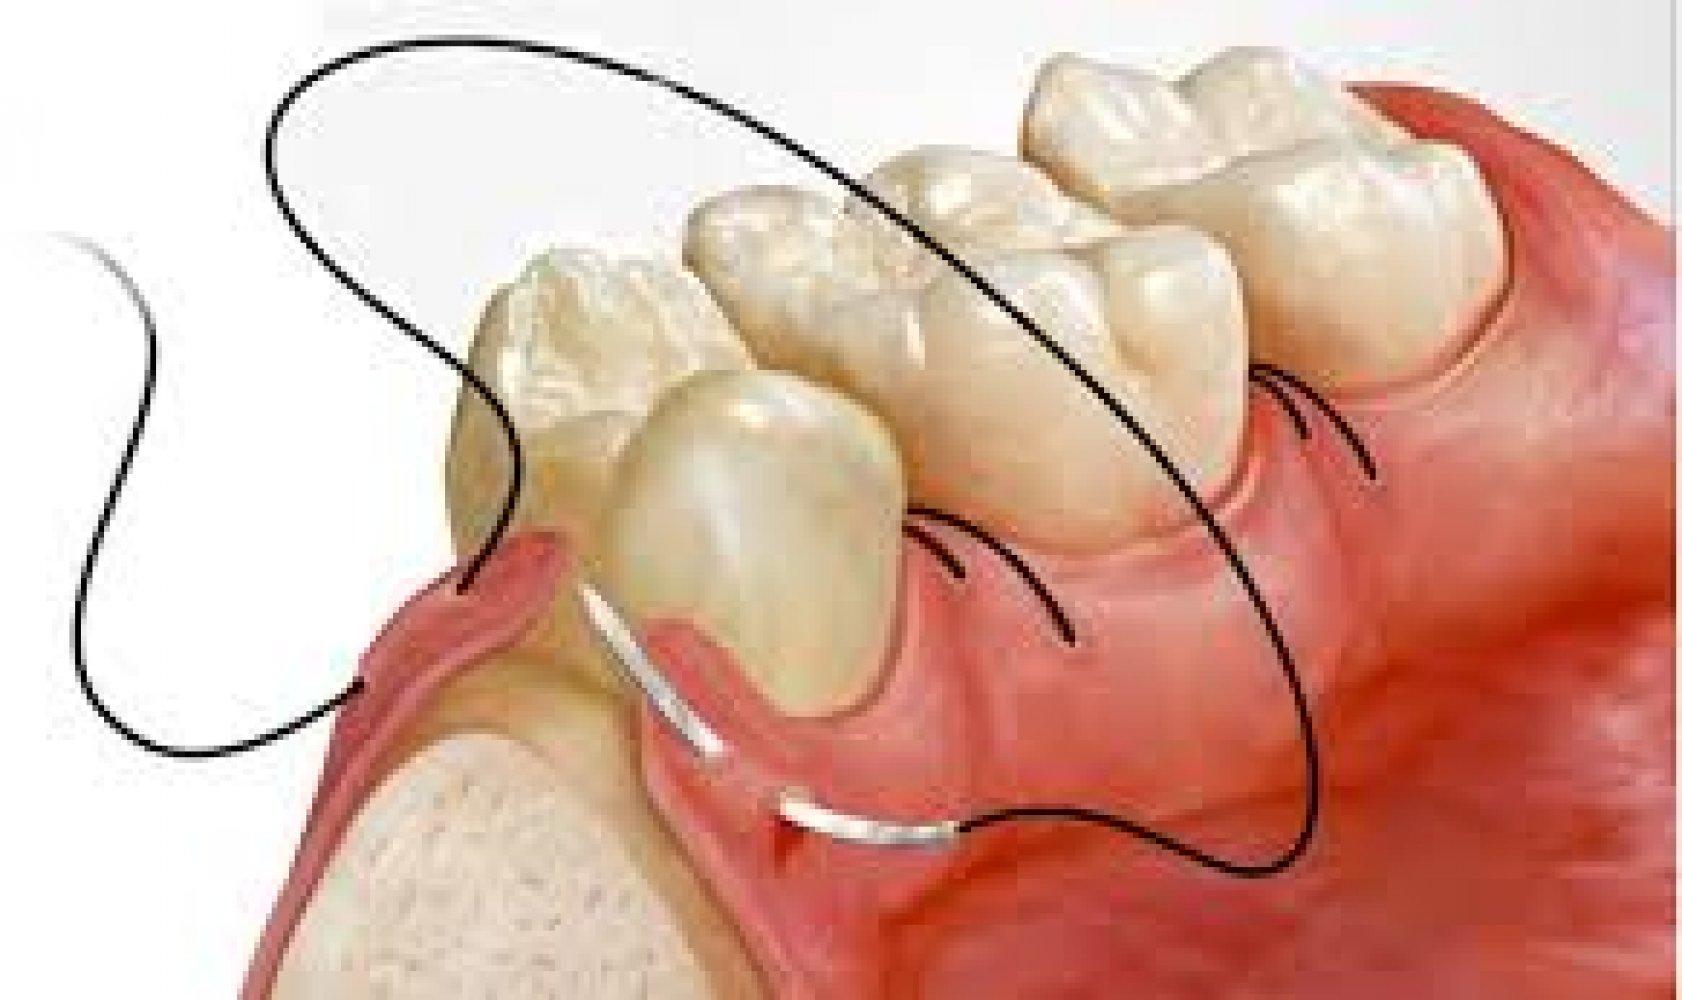 Чем обрабатывают десну после удаления зуба